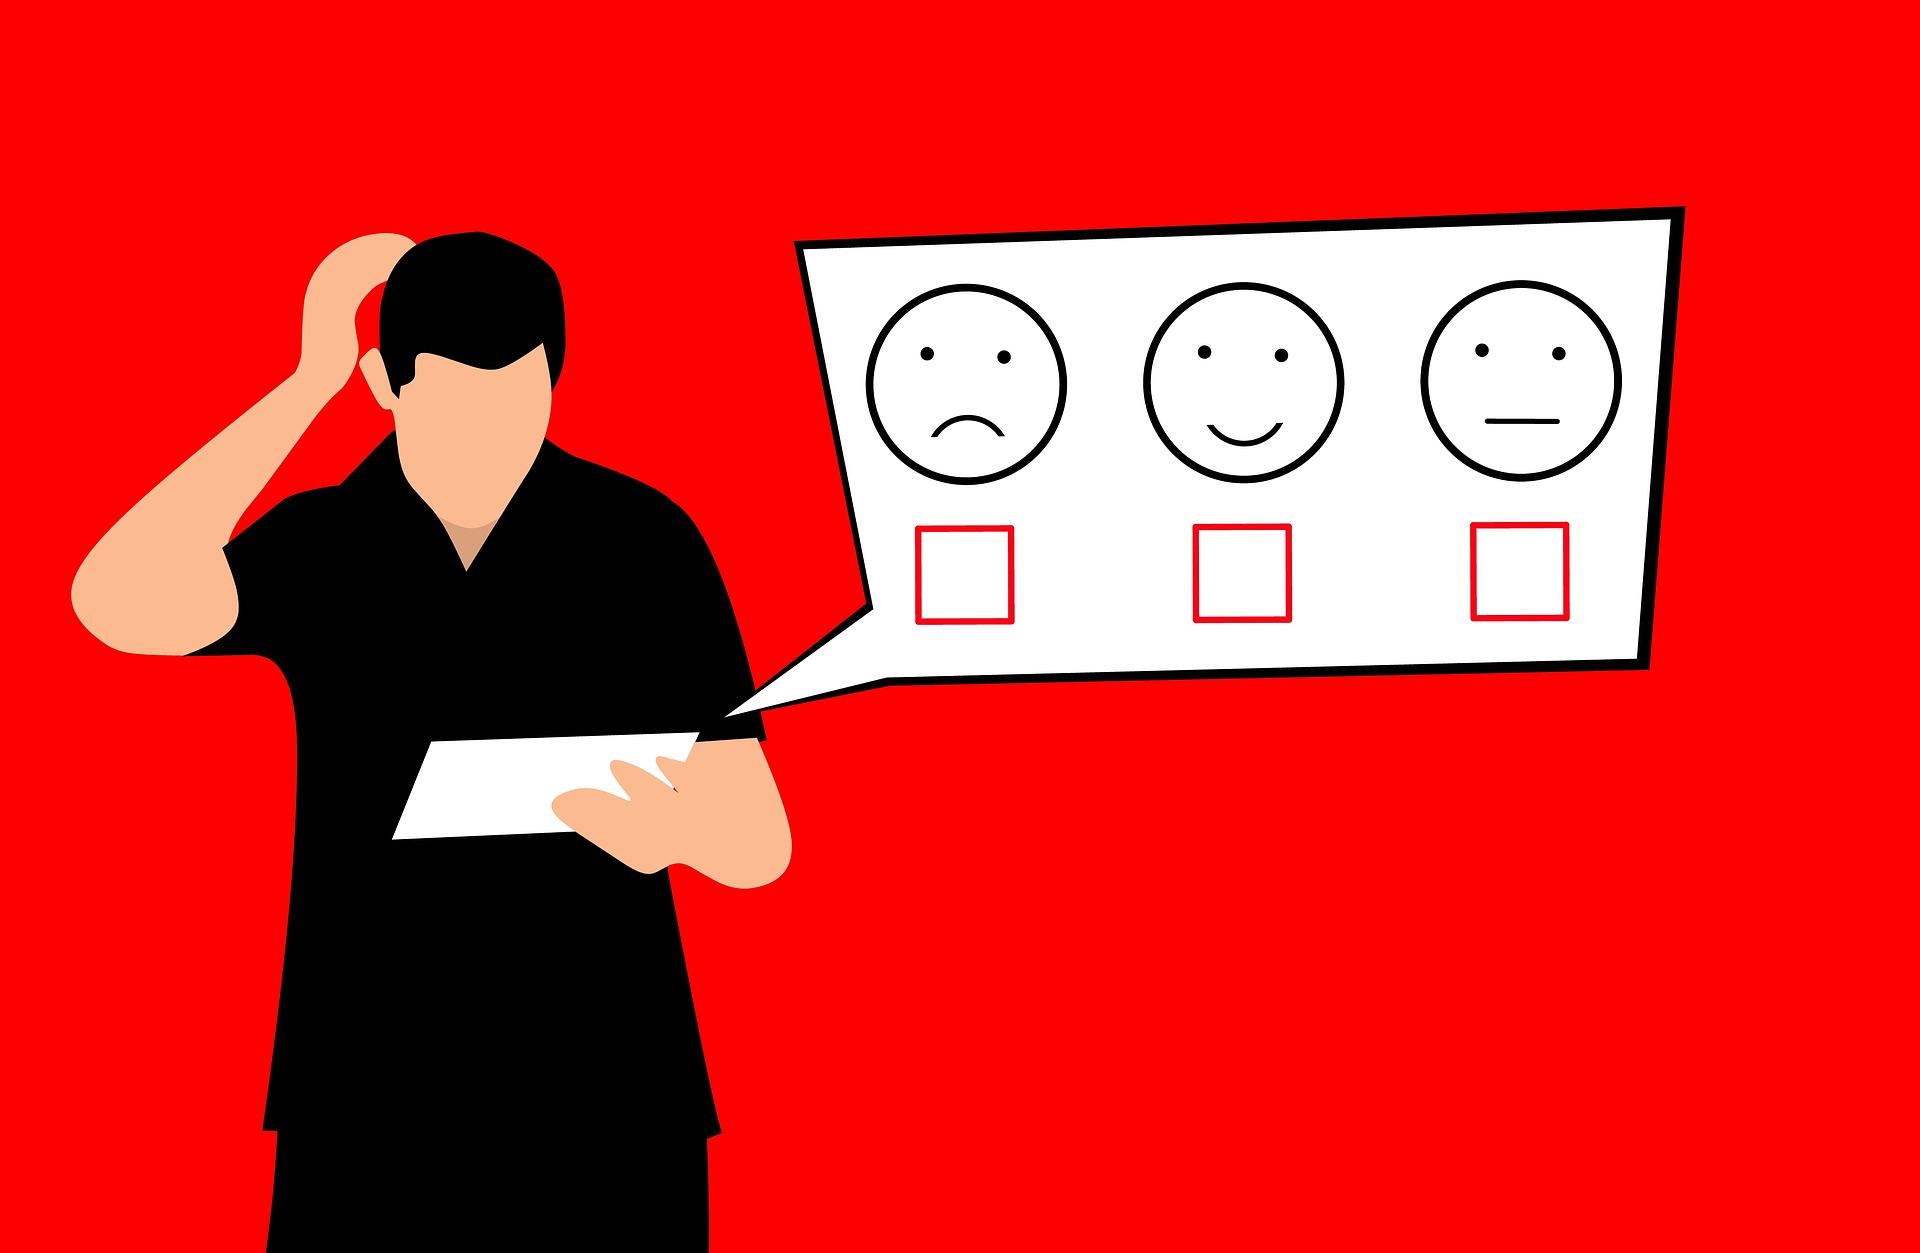 Review of meditica.com - Read Customer Service Reviews